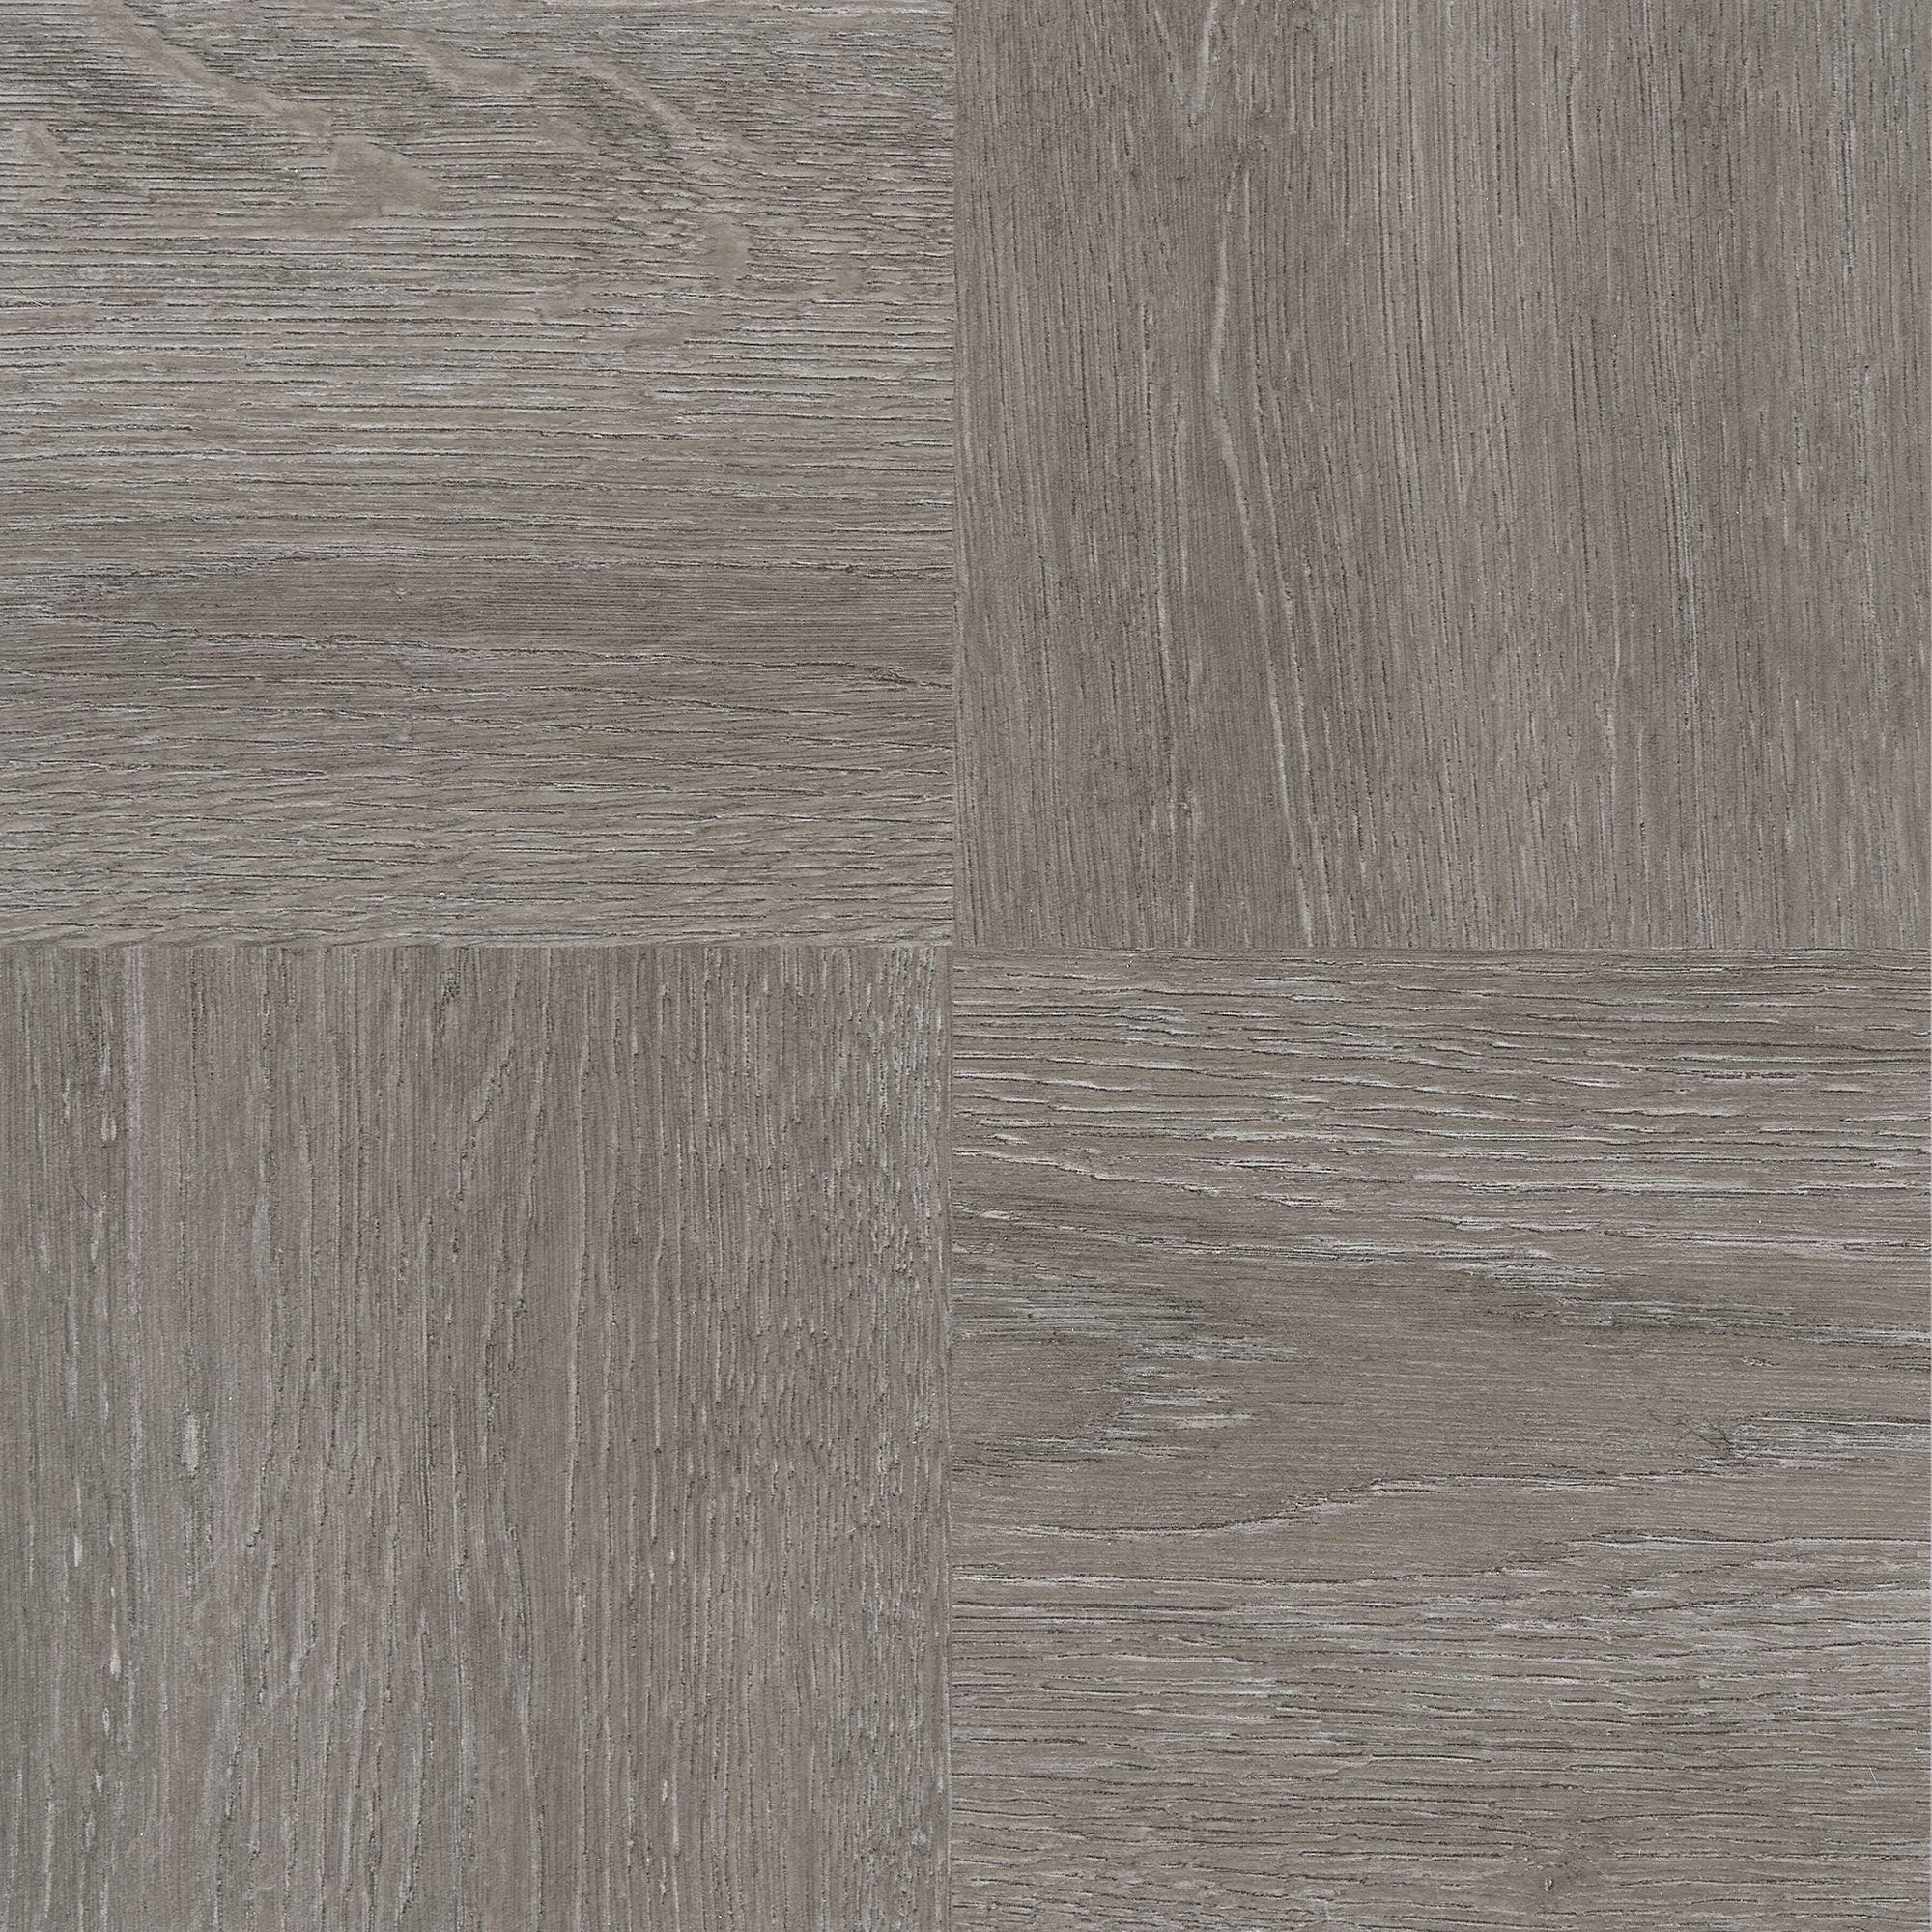 achim nexus 12 x12 1 2mm peel stick vinyl floor tiles 20 tiles 20 sq ft charcoal grey wood